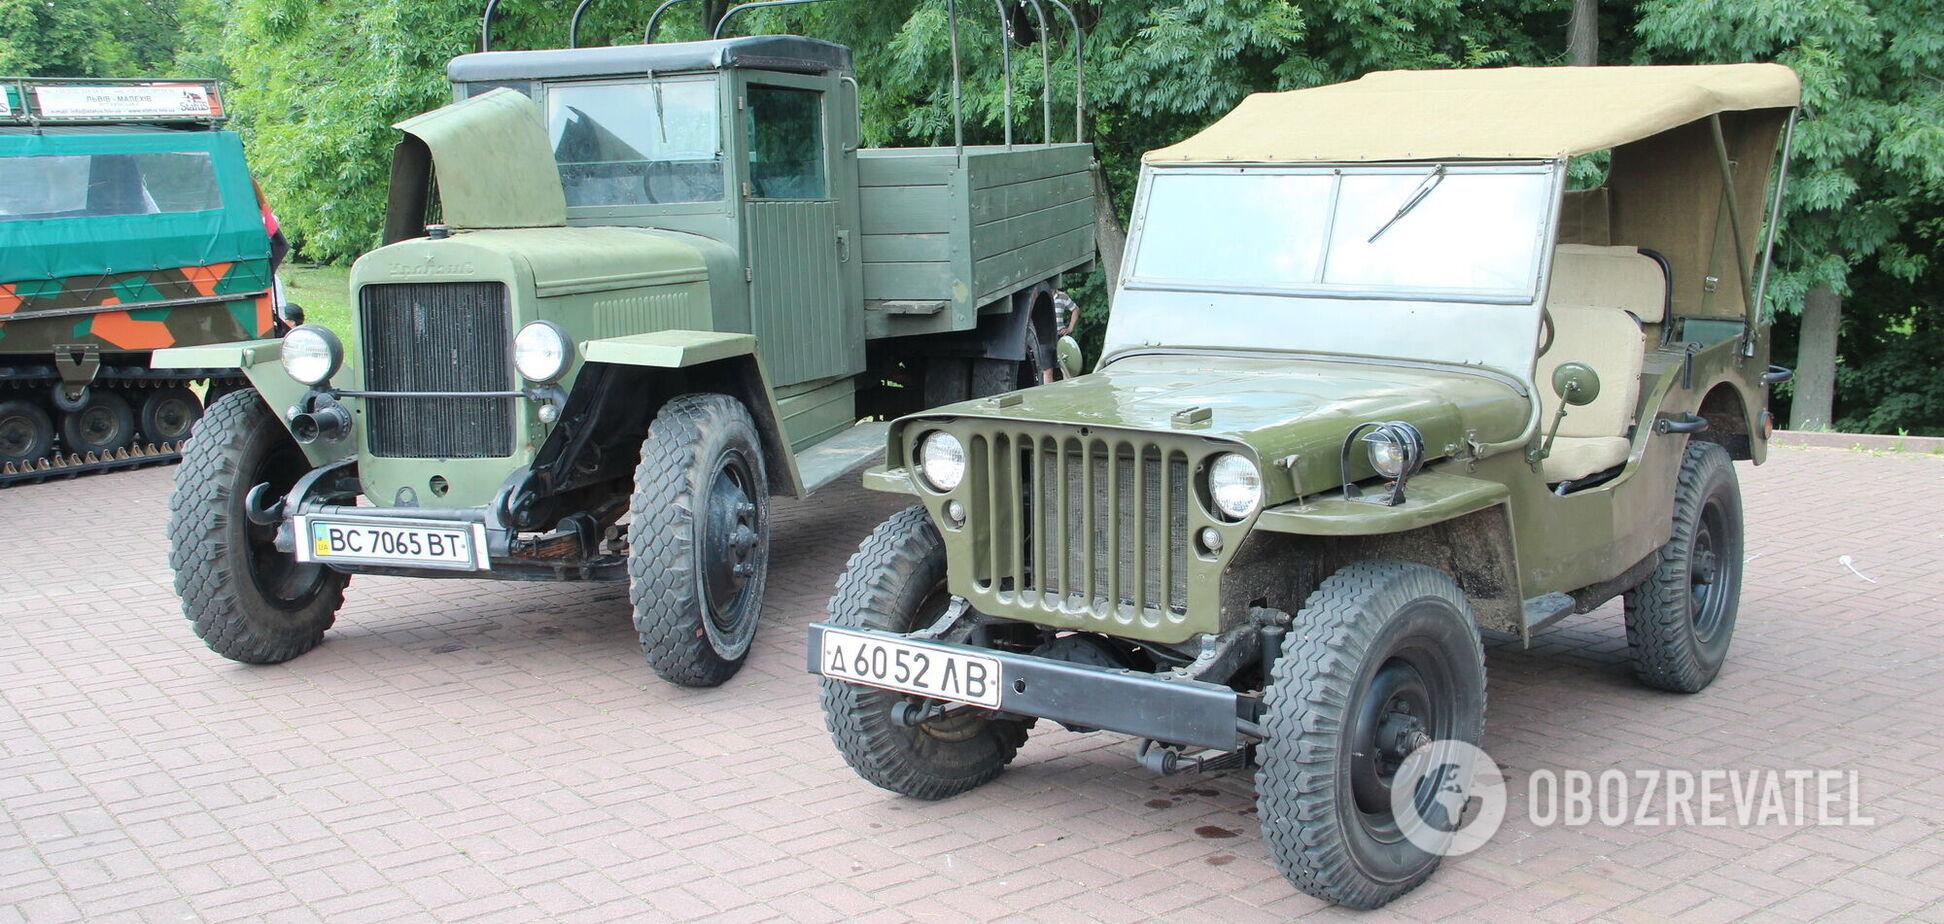 Згадуємо автомобілі, який допомогли здобути перемогу над нацизмом